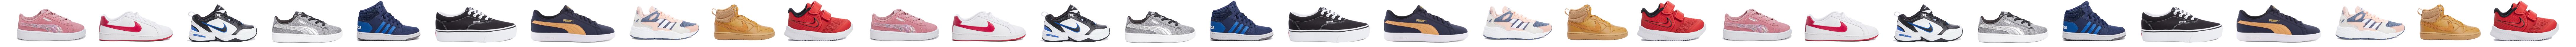 chaussures, baskets, petits prix, pas cher, marque